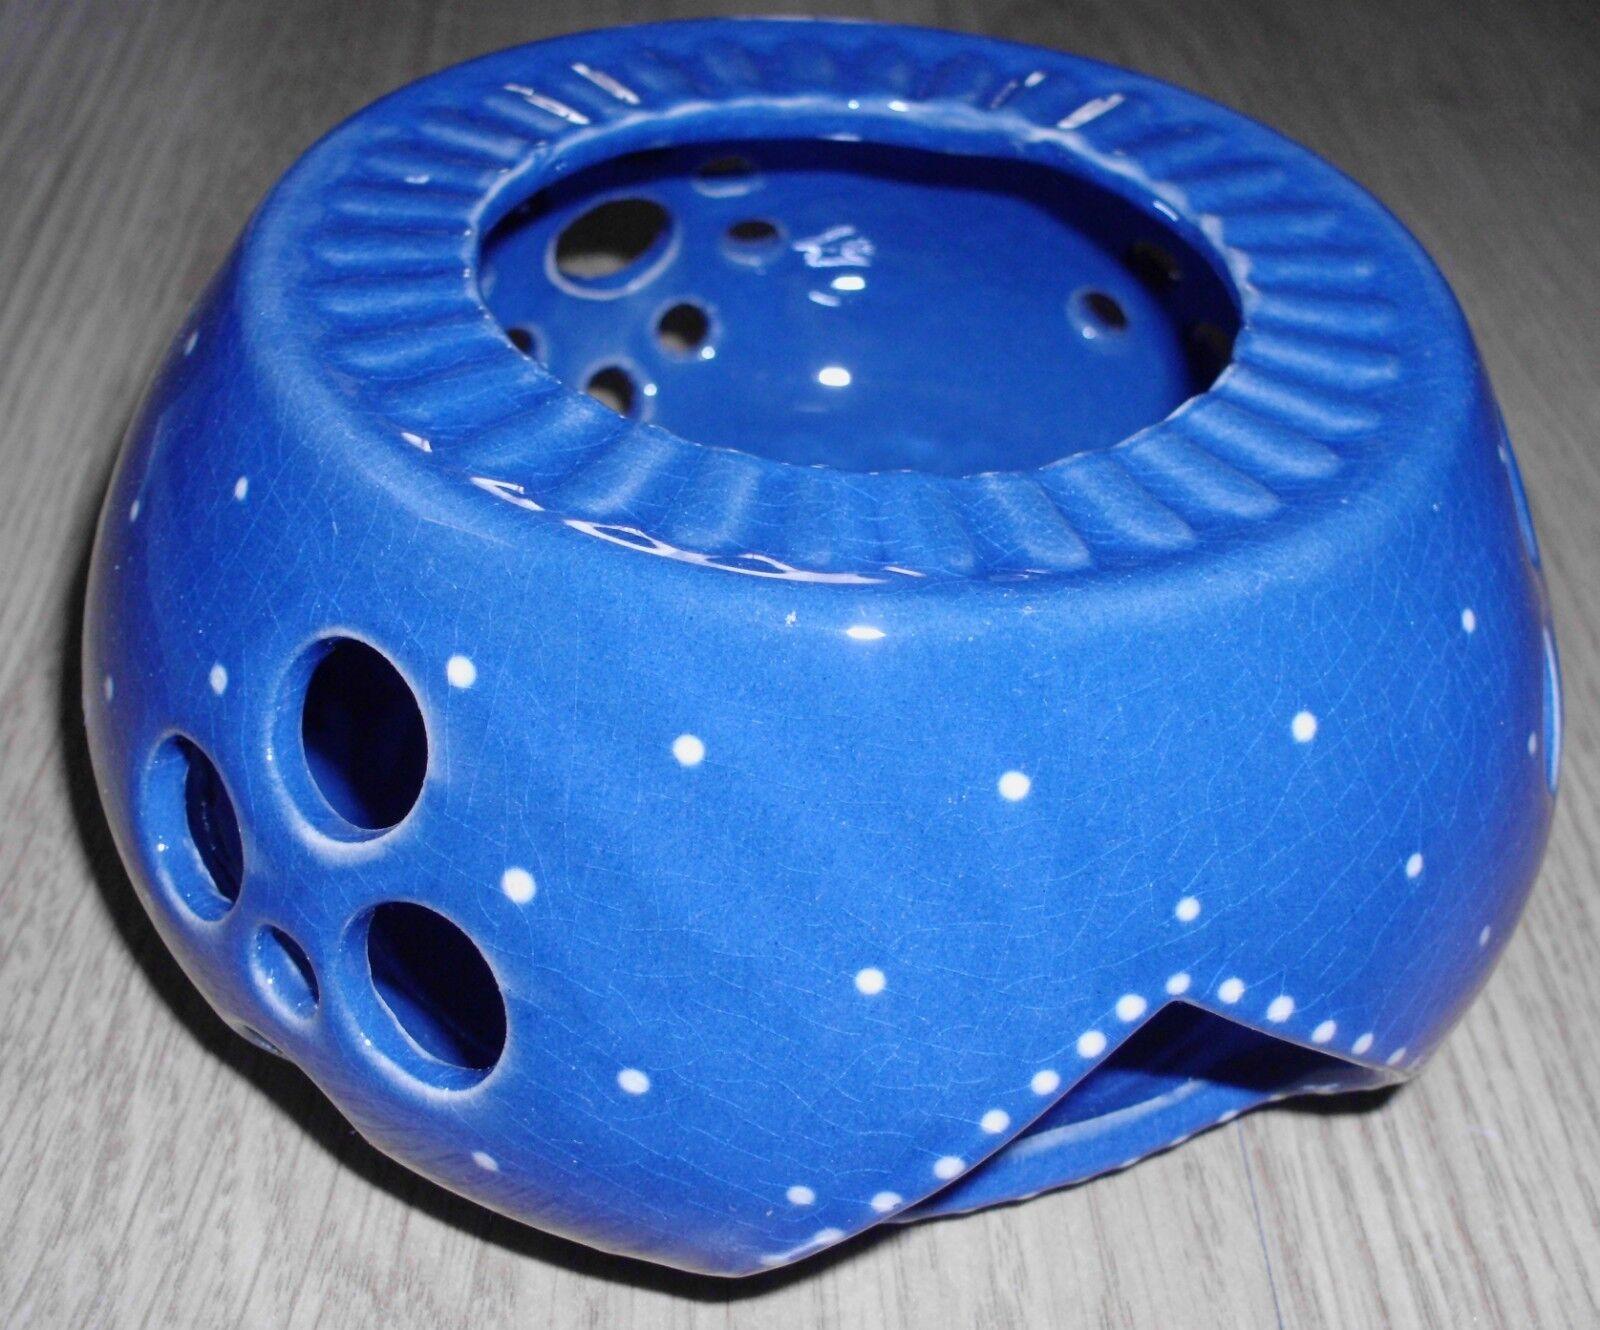 Stövchen Kaffee-/Teekannenwärmer Keramik Blau mit weißen Punkten Zach Meißen